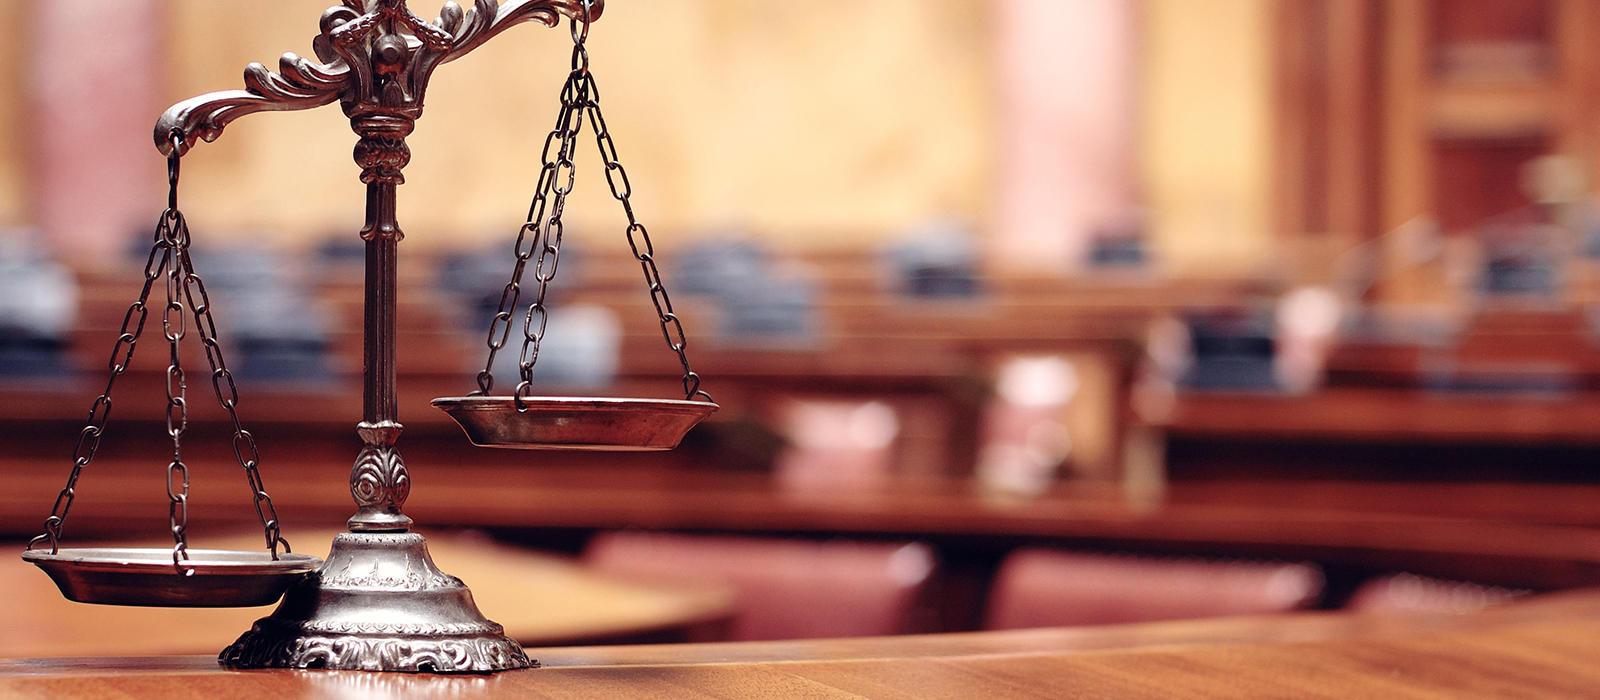 Ποινική δίωξη στους συλληφθέντες για την επίθεση στην Ελληνοαμερικανική Ένωση | to10.gr